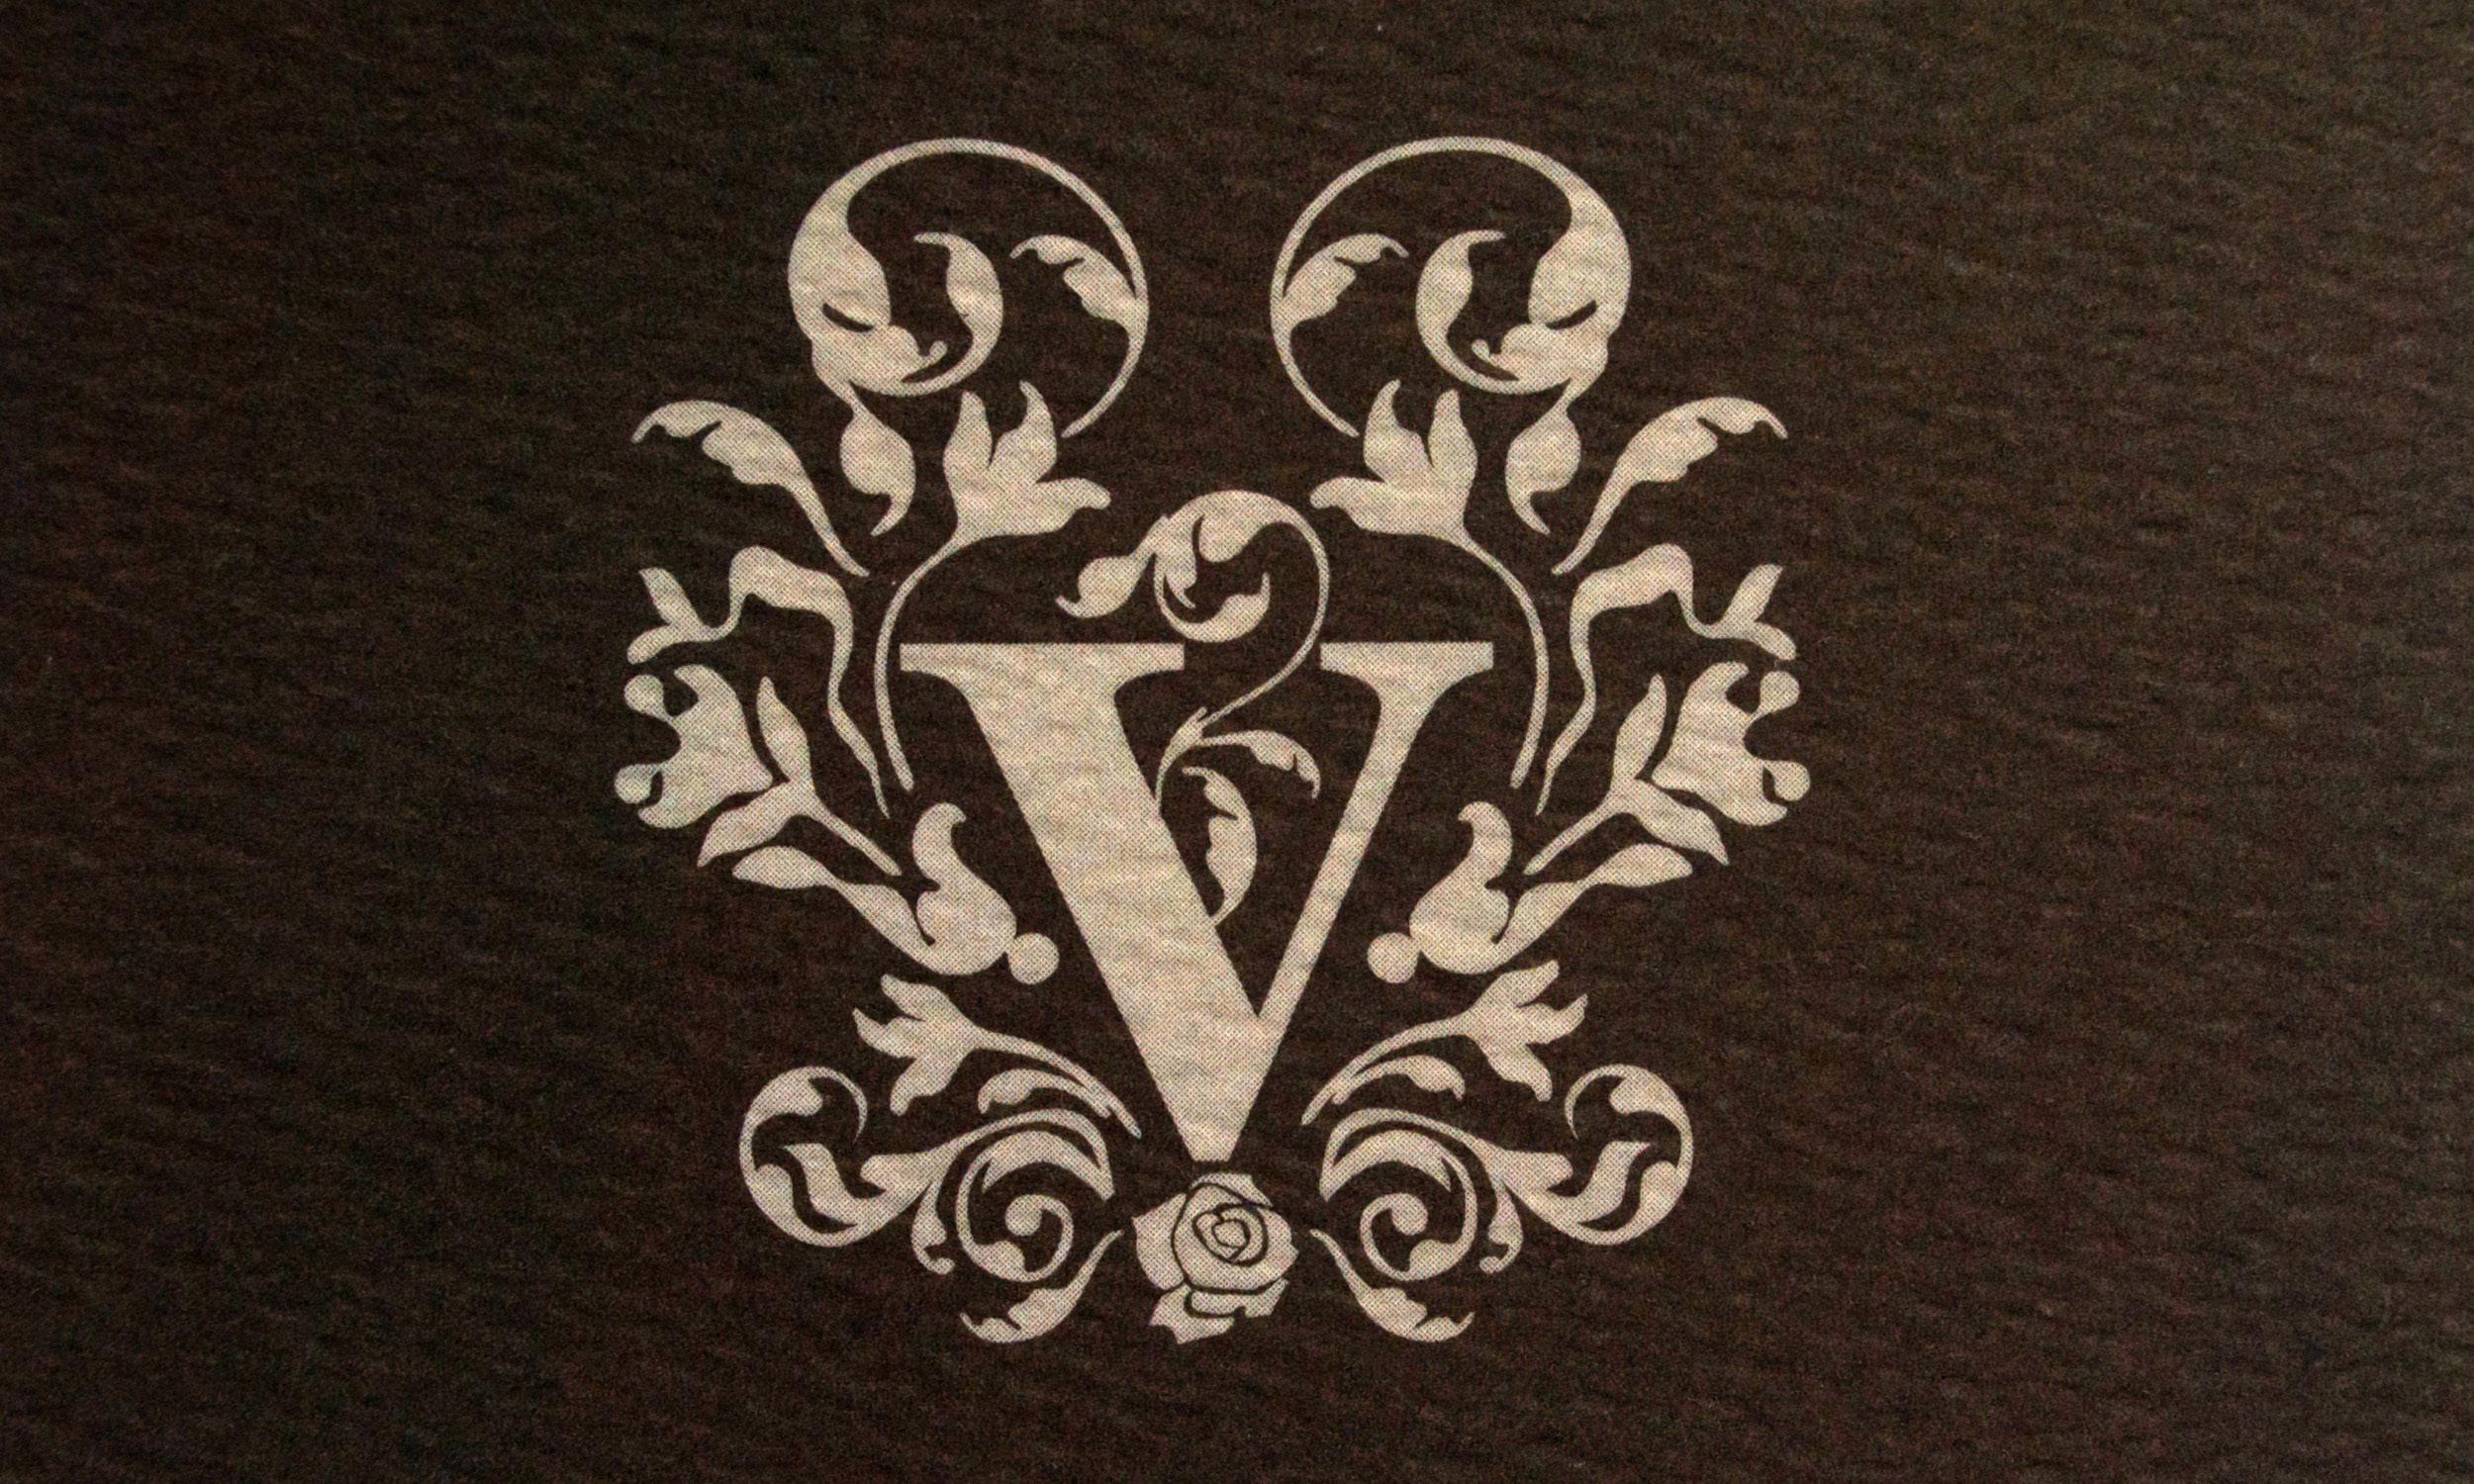 Viemora-LR.jpg